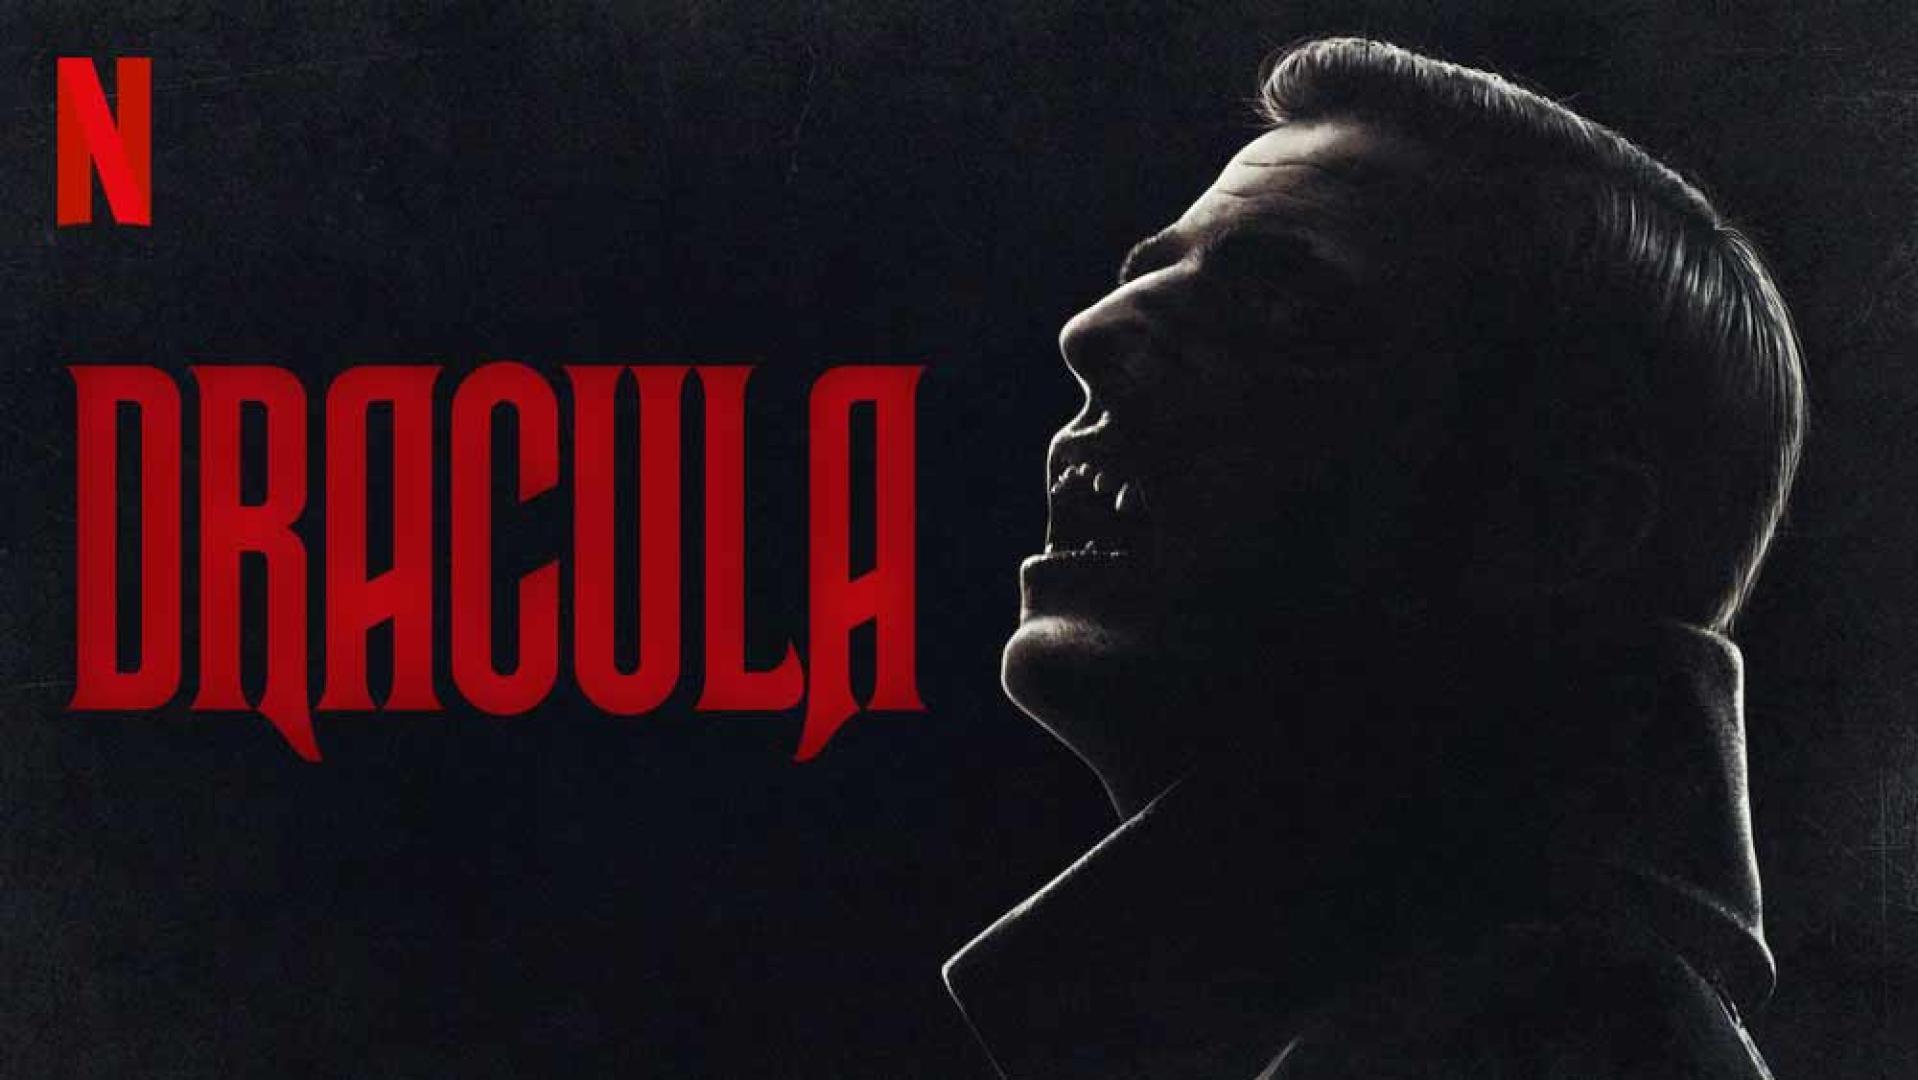 Dracula sorozat értékelője